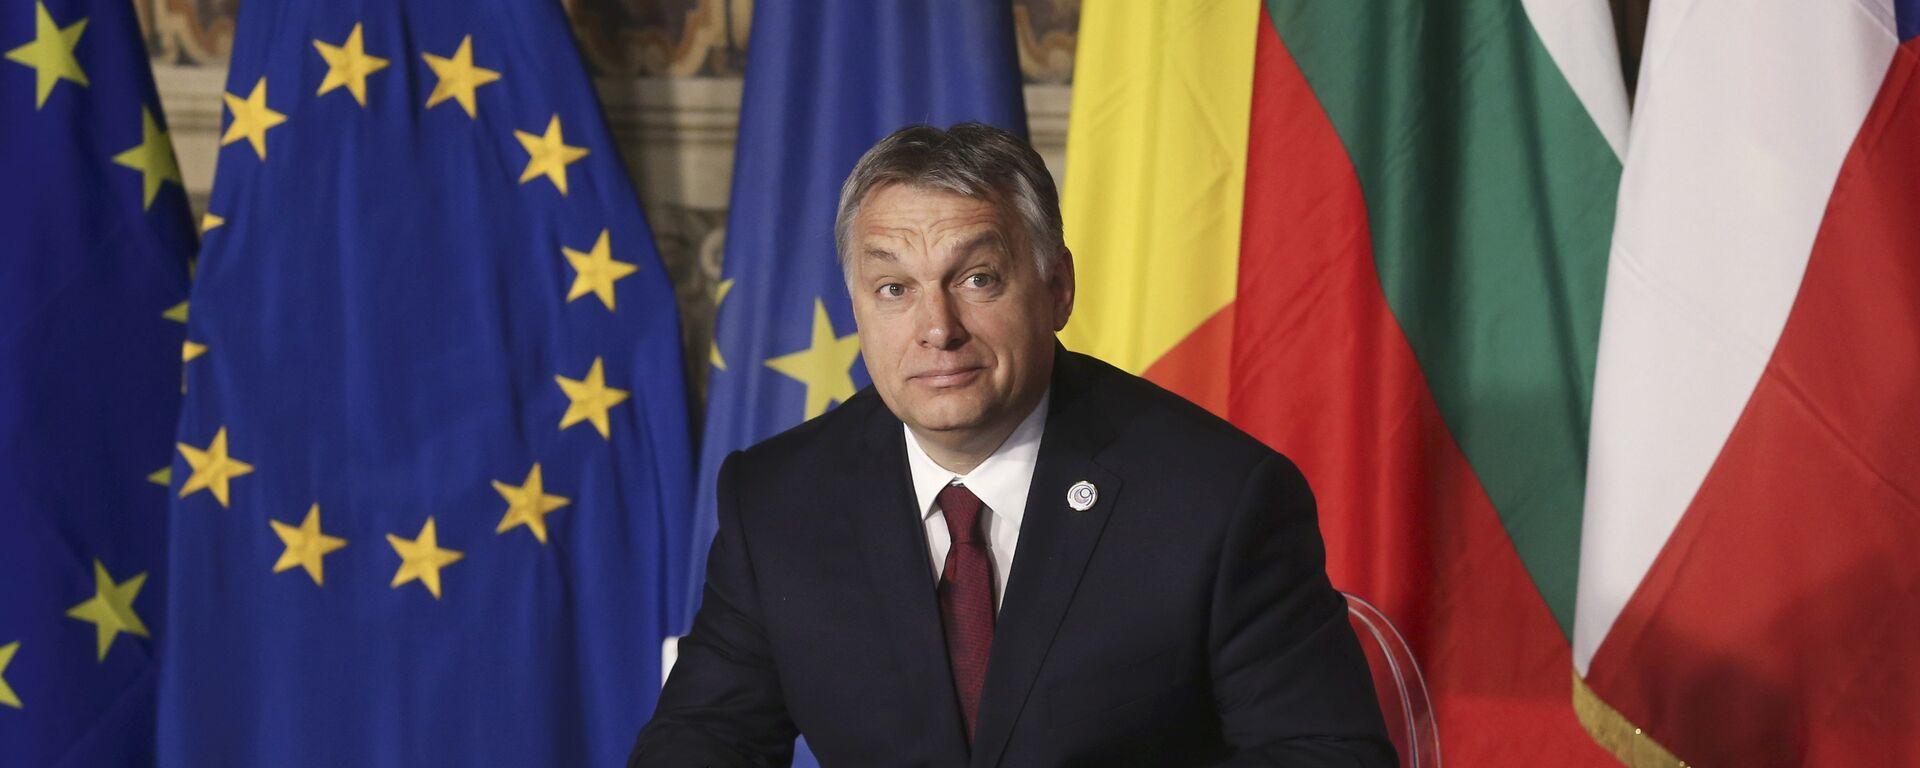 Il primo ministro ungherese Viktor Orban. (foto d'archivio) - Sputnik Italia, 1920, 18.07.2021